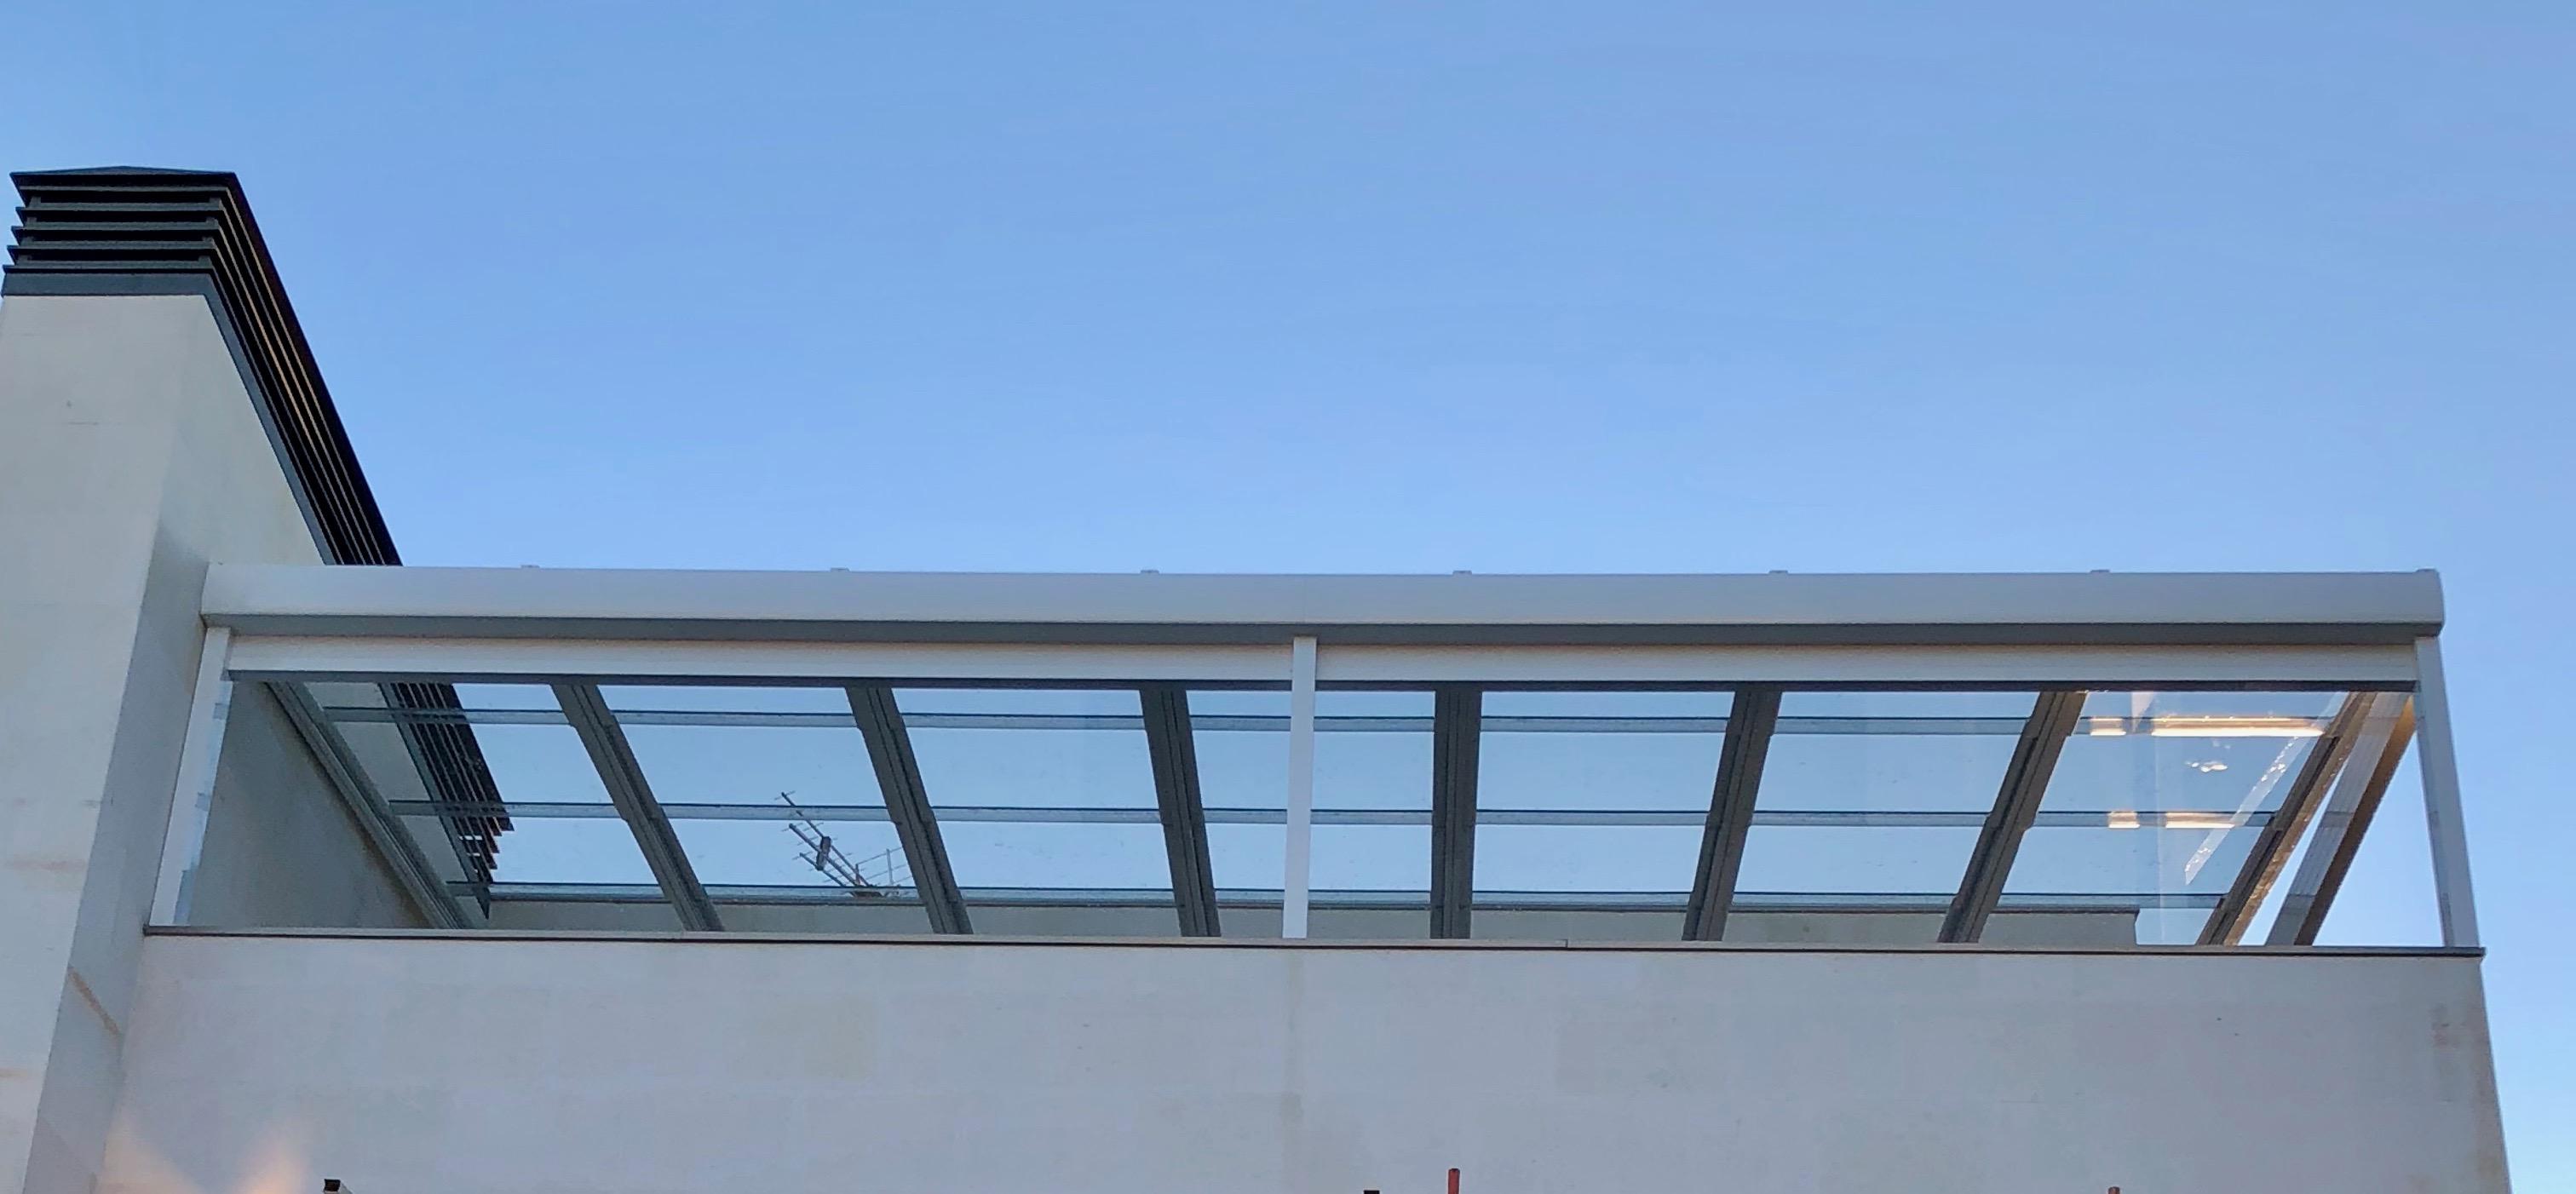 IMG 0363 - Acristalamiento techo móvil motorizado